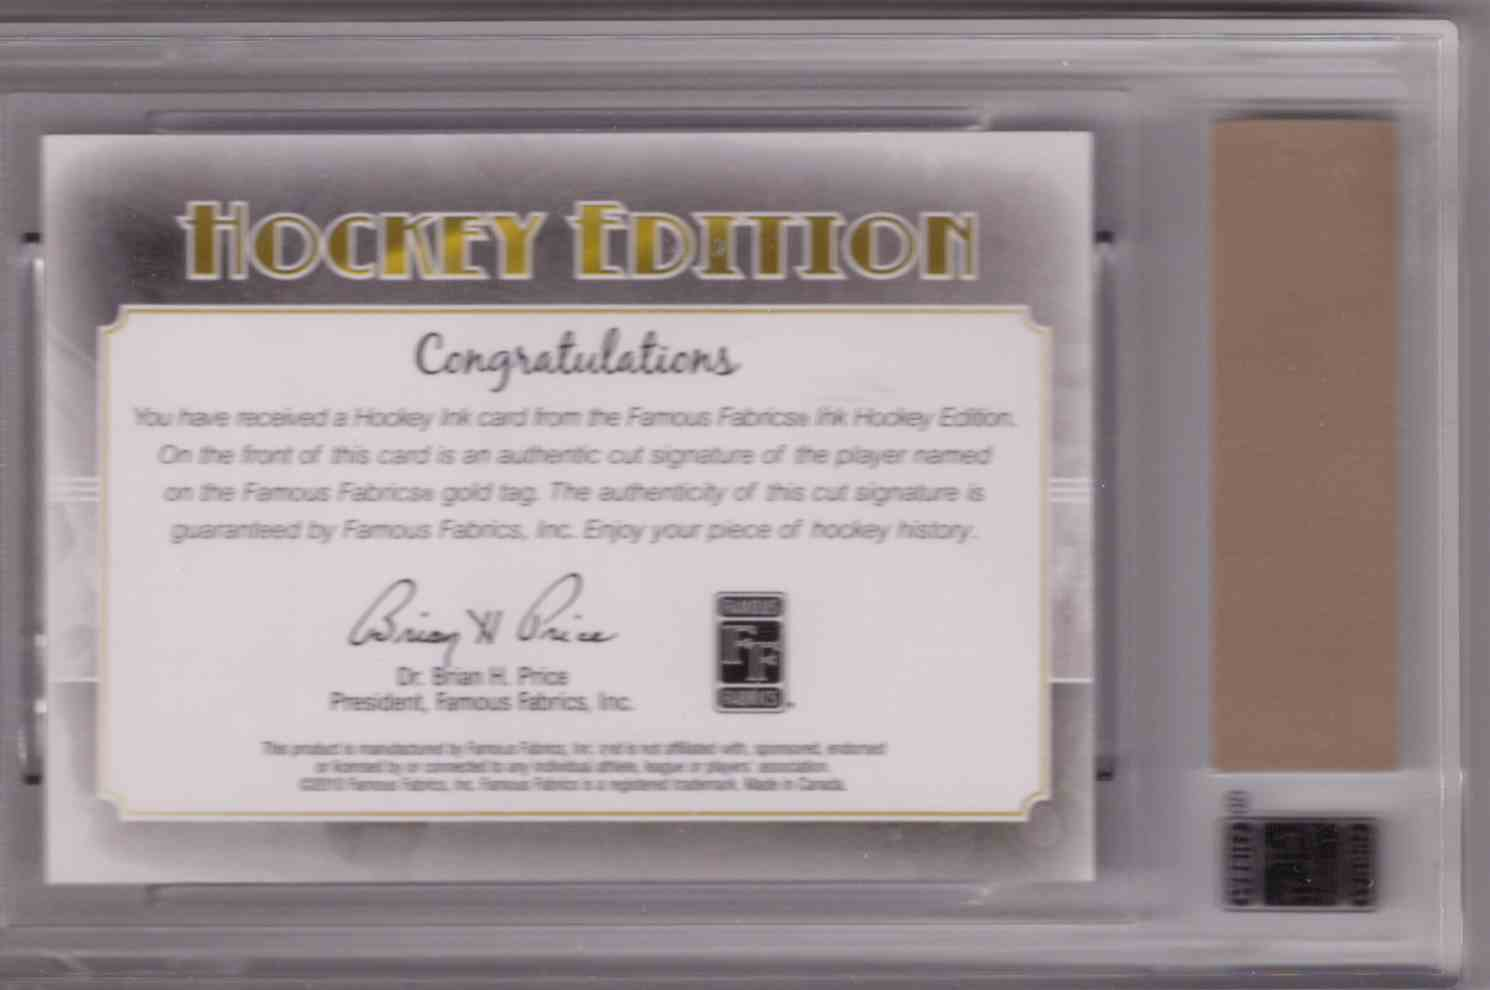 2010-11 Famous Fabrics Hockey Ink Cut Signature Jordan Eberle card back image